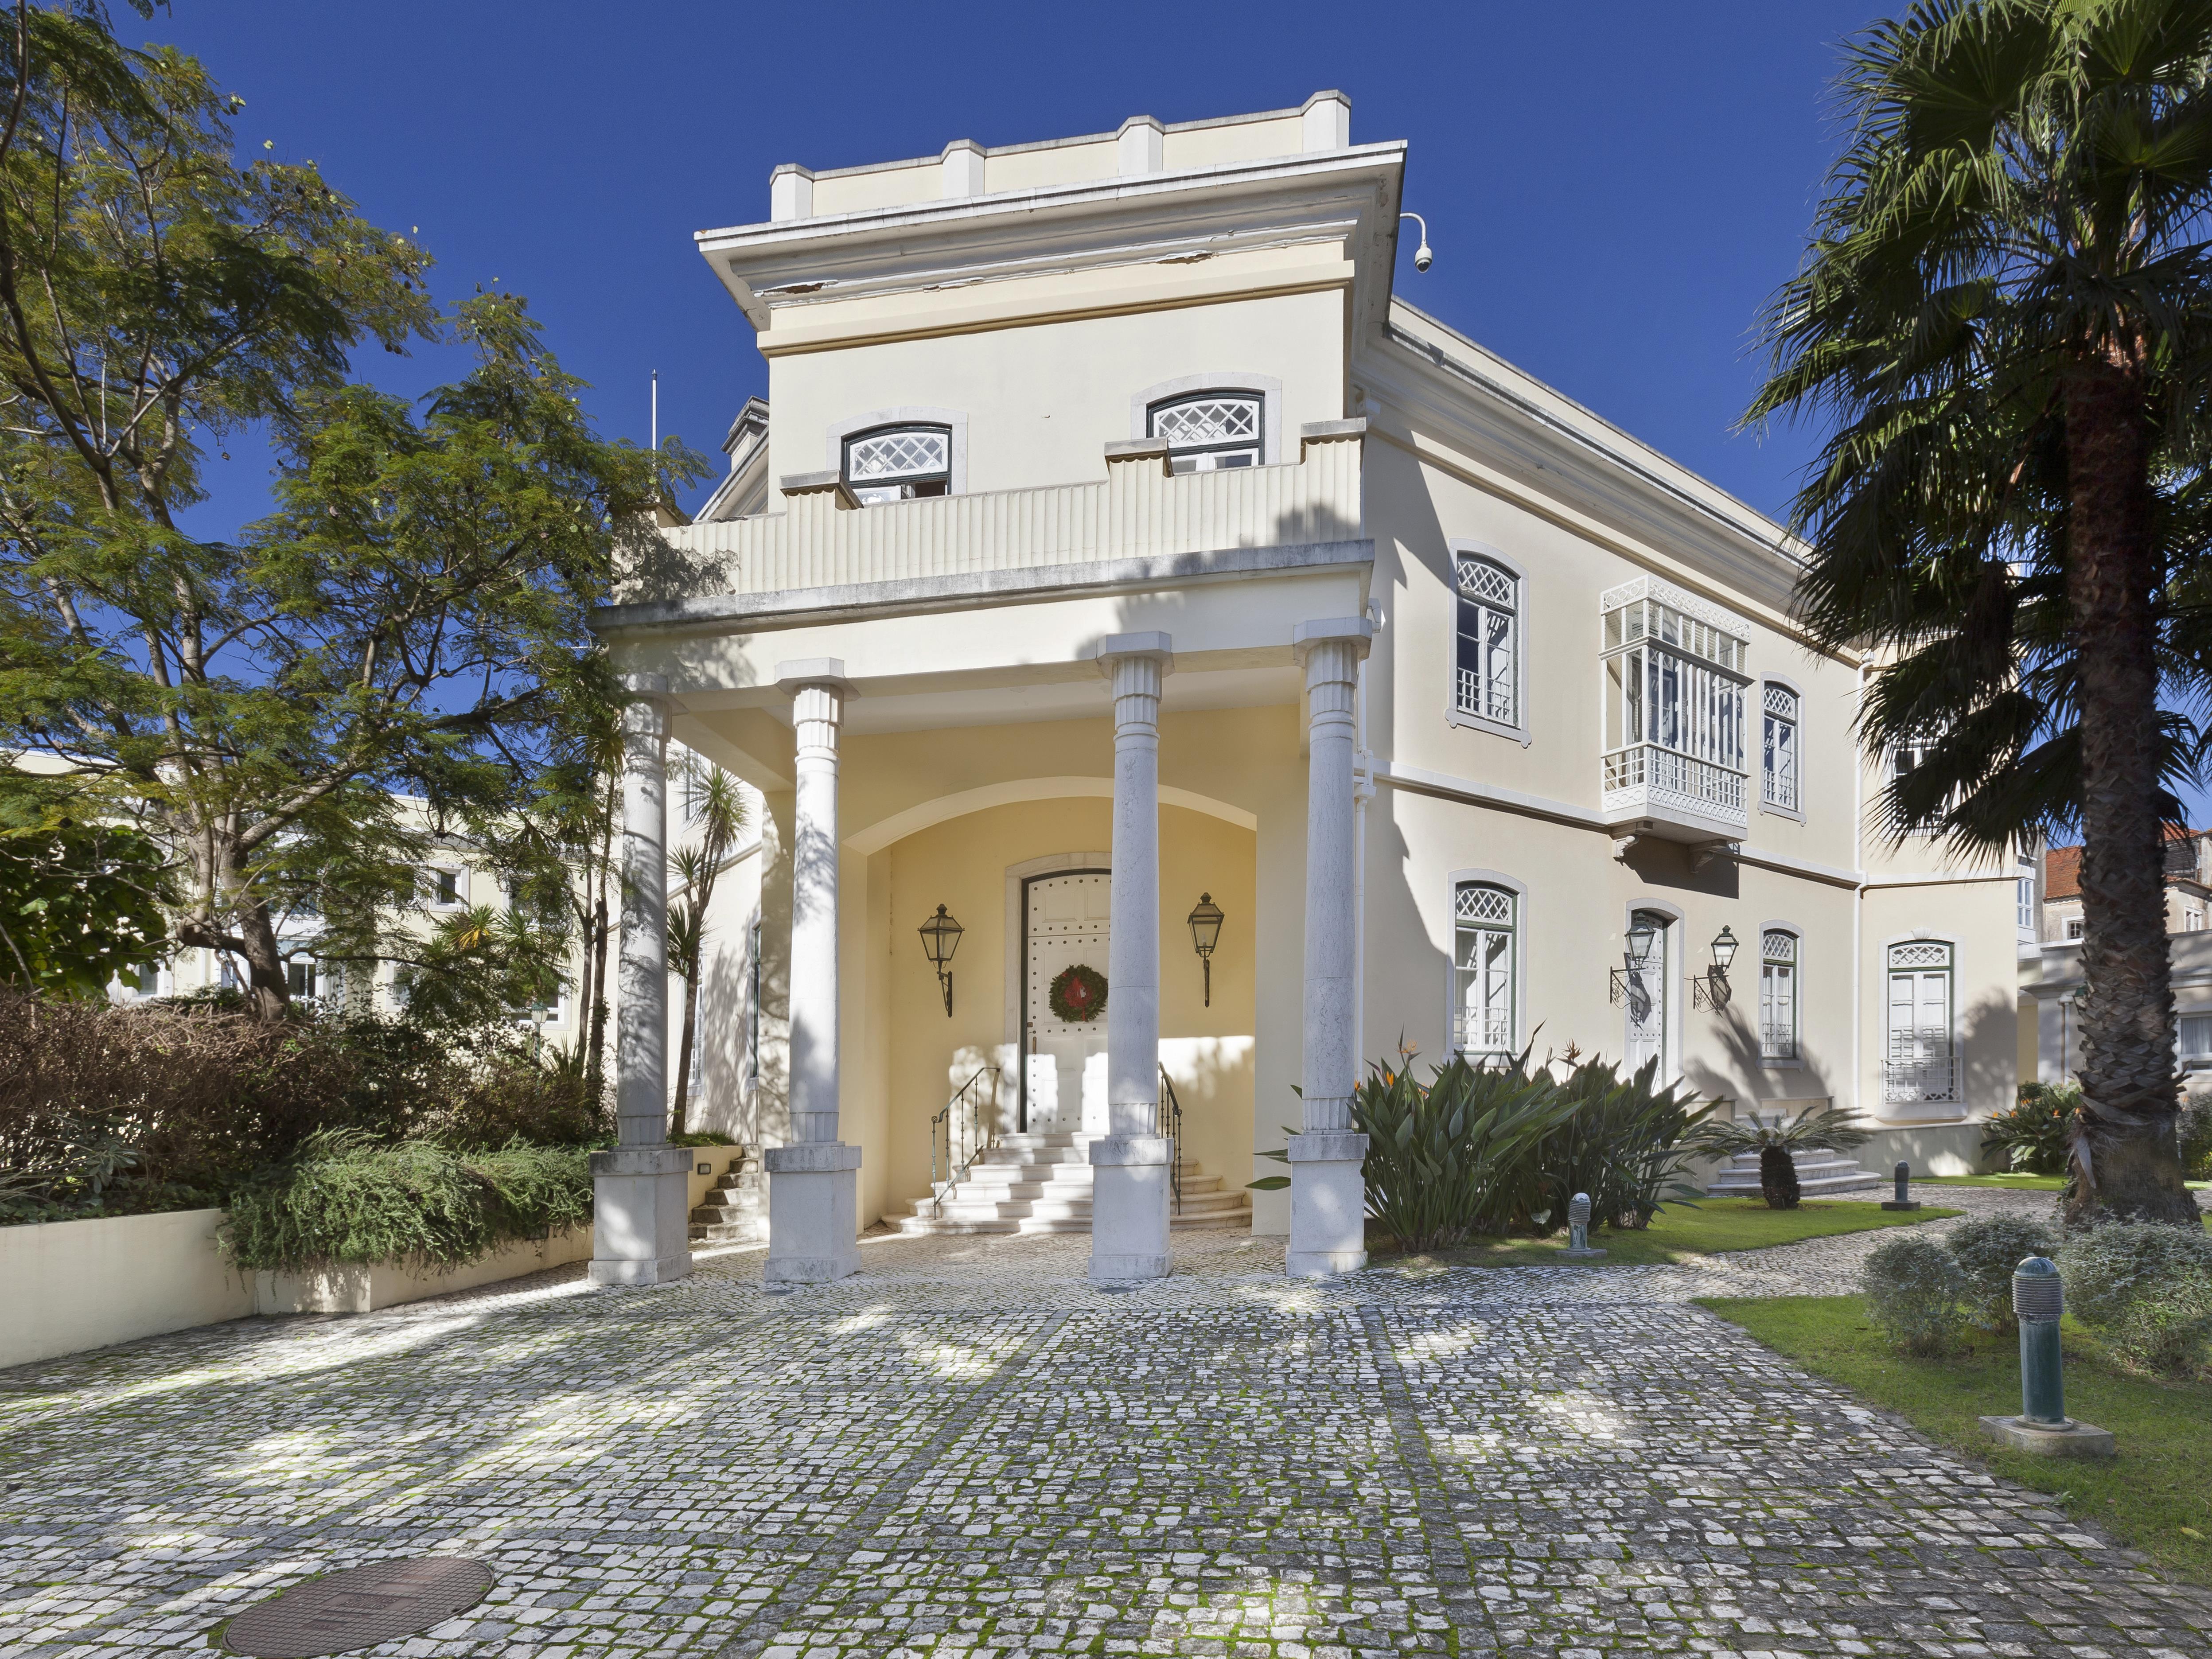 Appartamento per Vendita alle ore Flat, 2 bedrooms, for Sale Cascais, Lisbona 2765-188 Portogallo